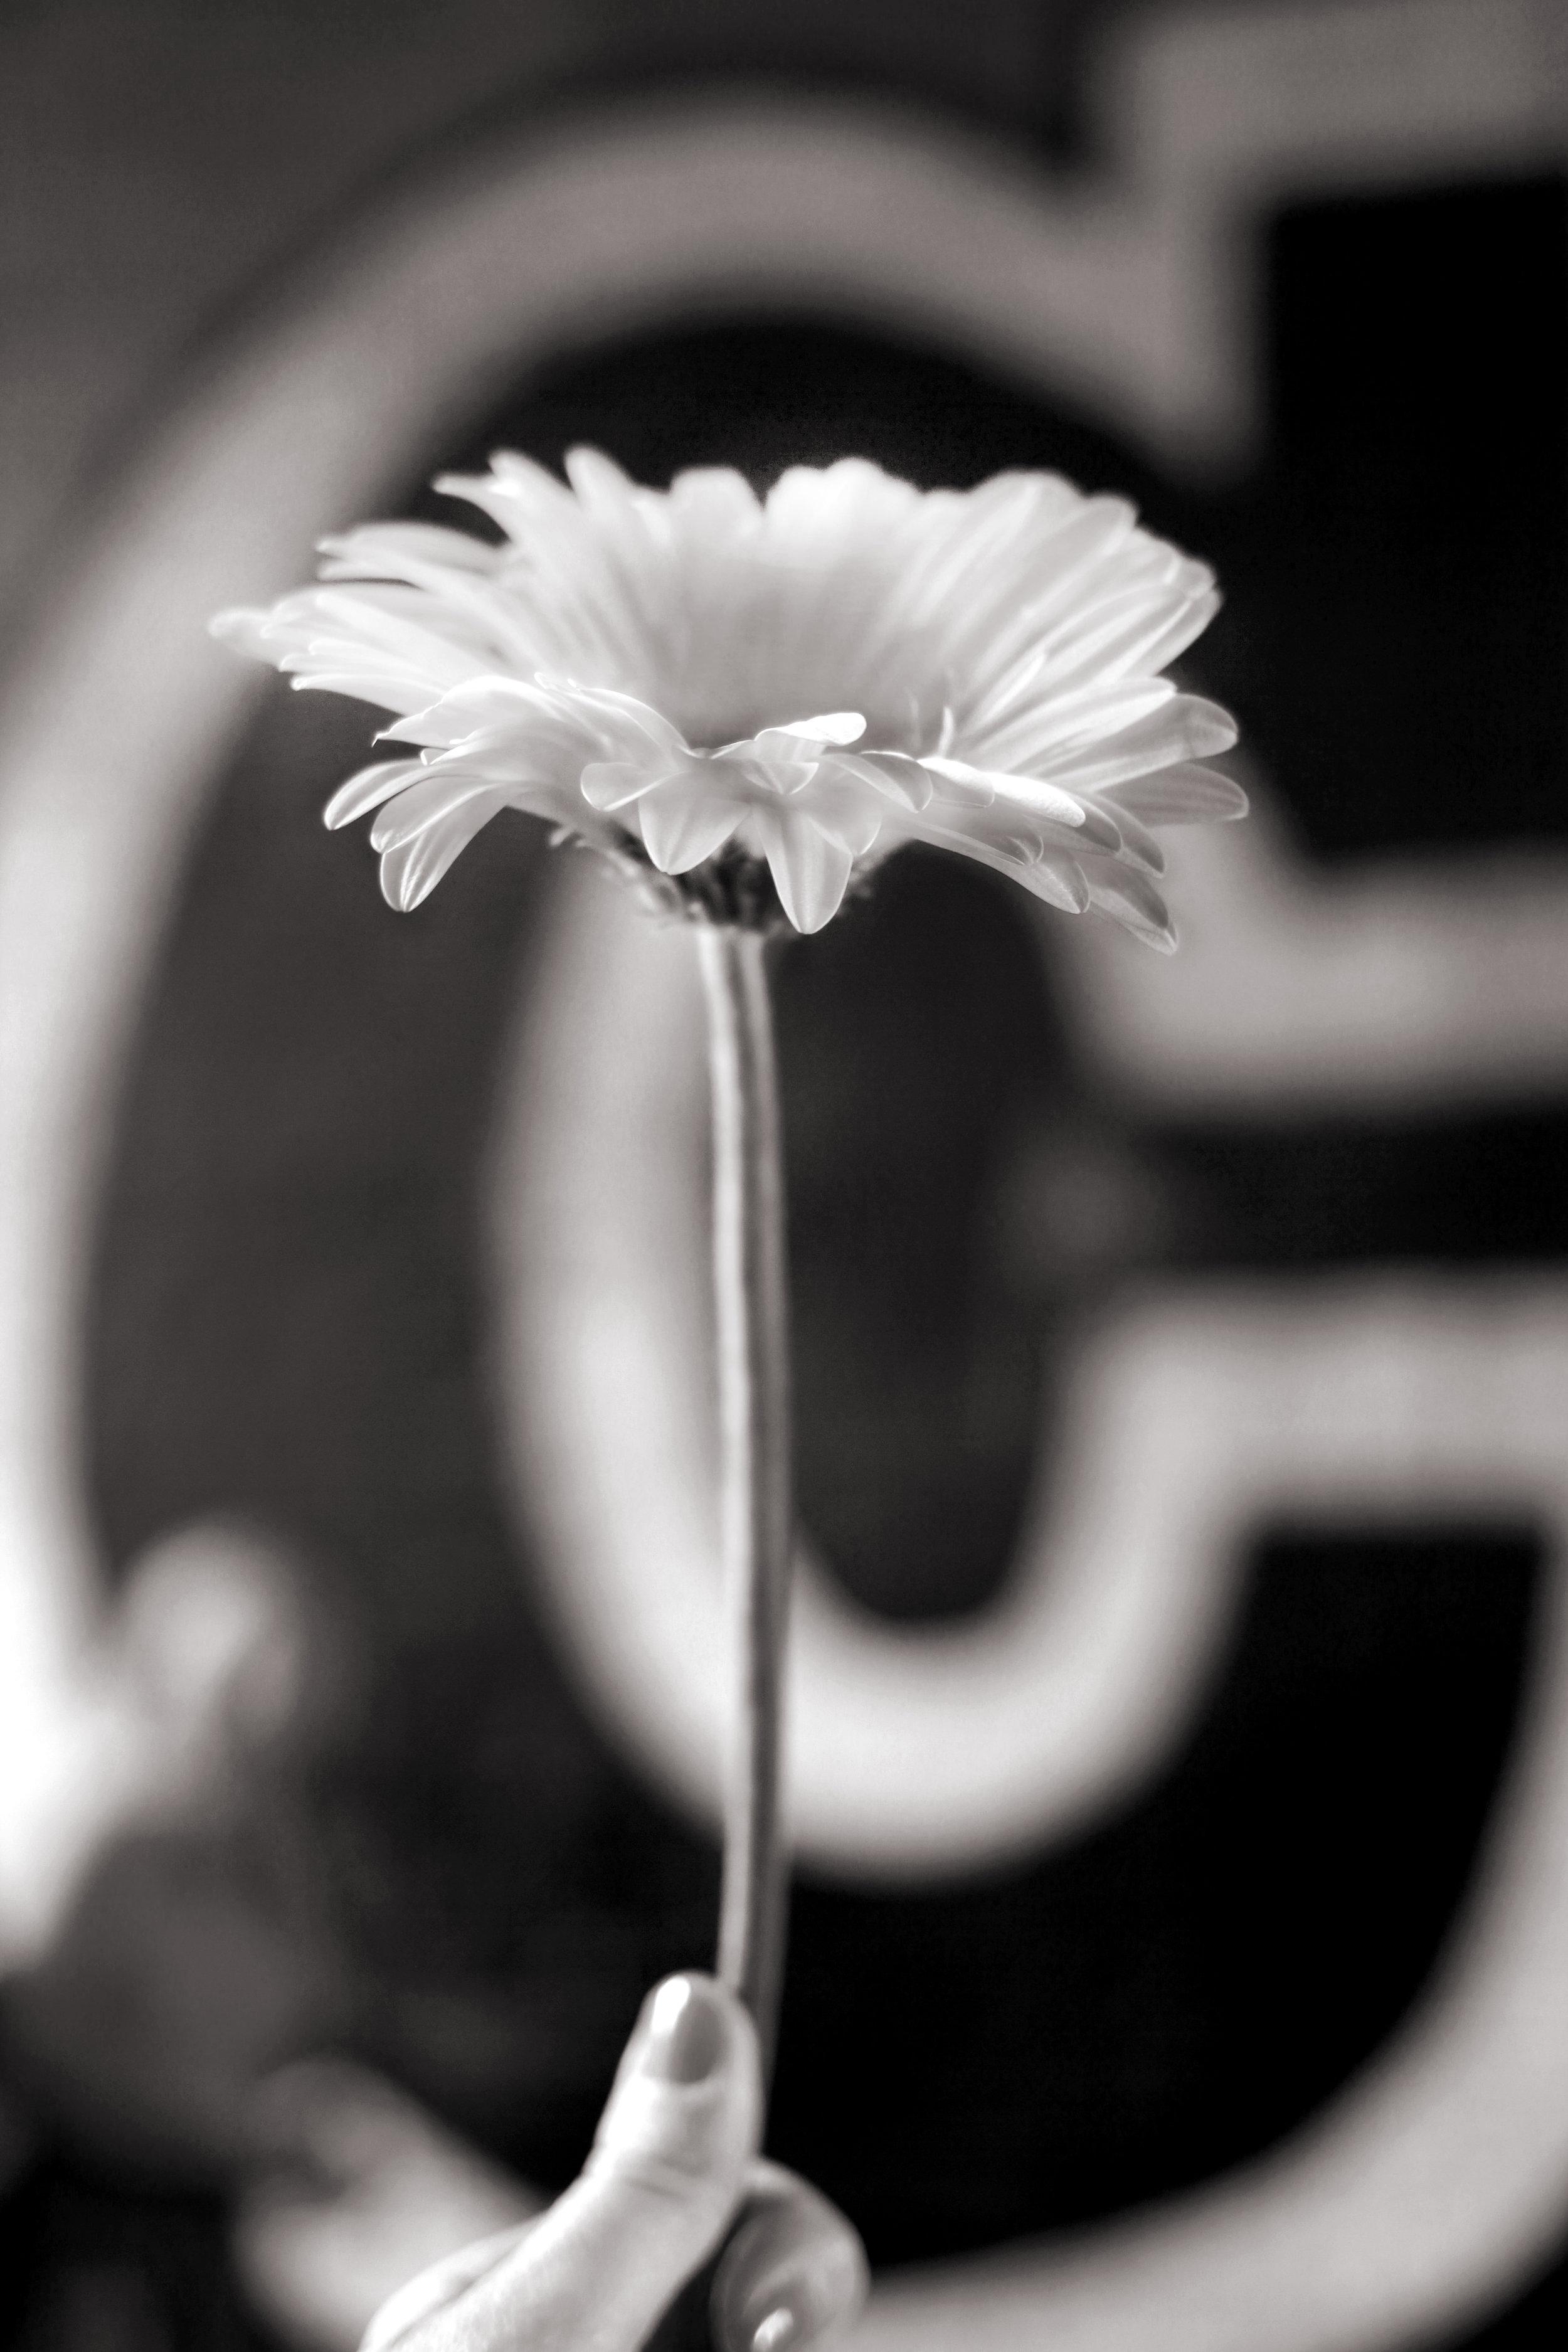 flower-cargo-01.jpg